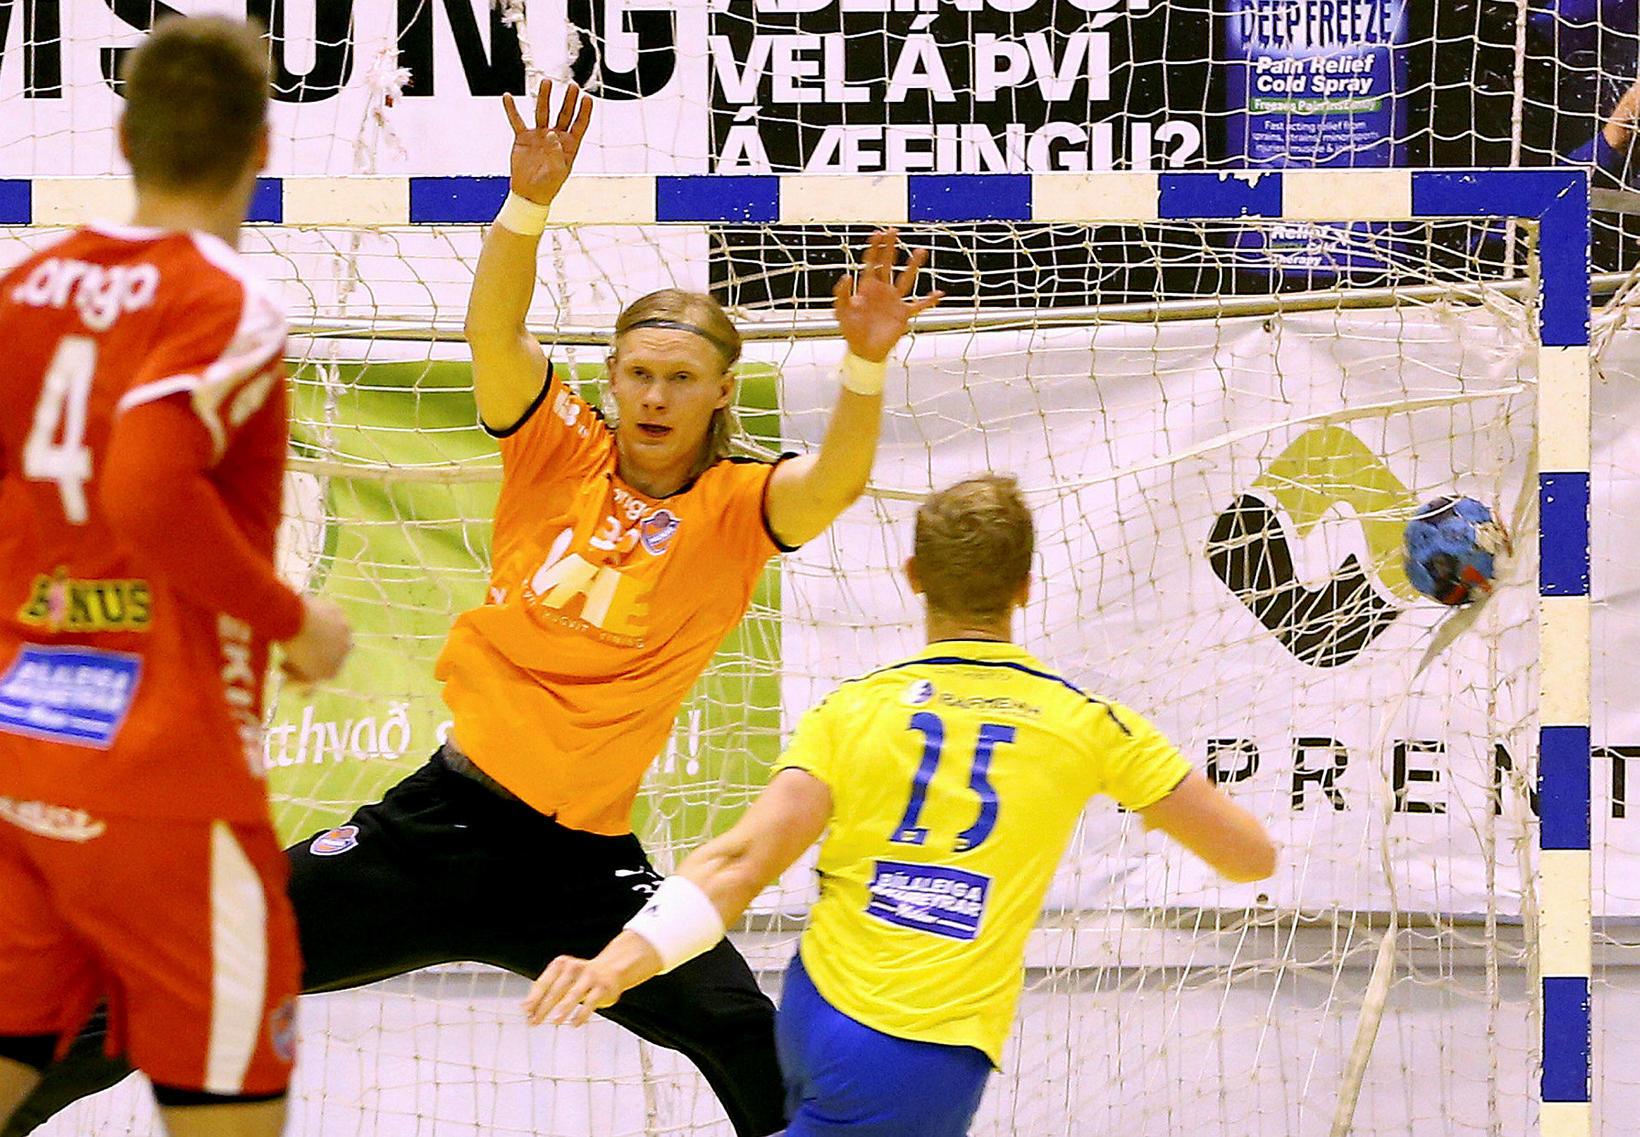 Grétar Ari Guðjónsson hefur spilað vel fyrir Nice á tímabilinu.